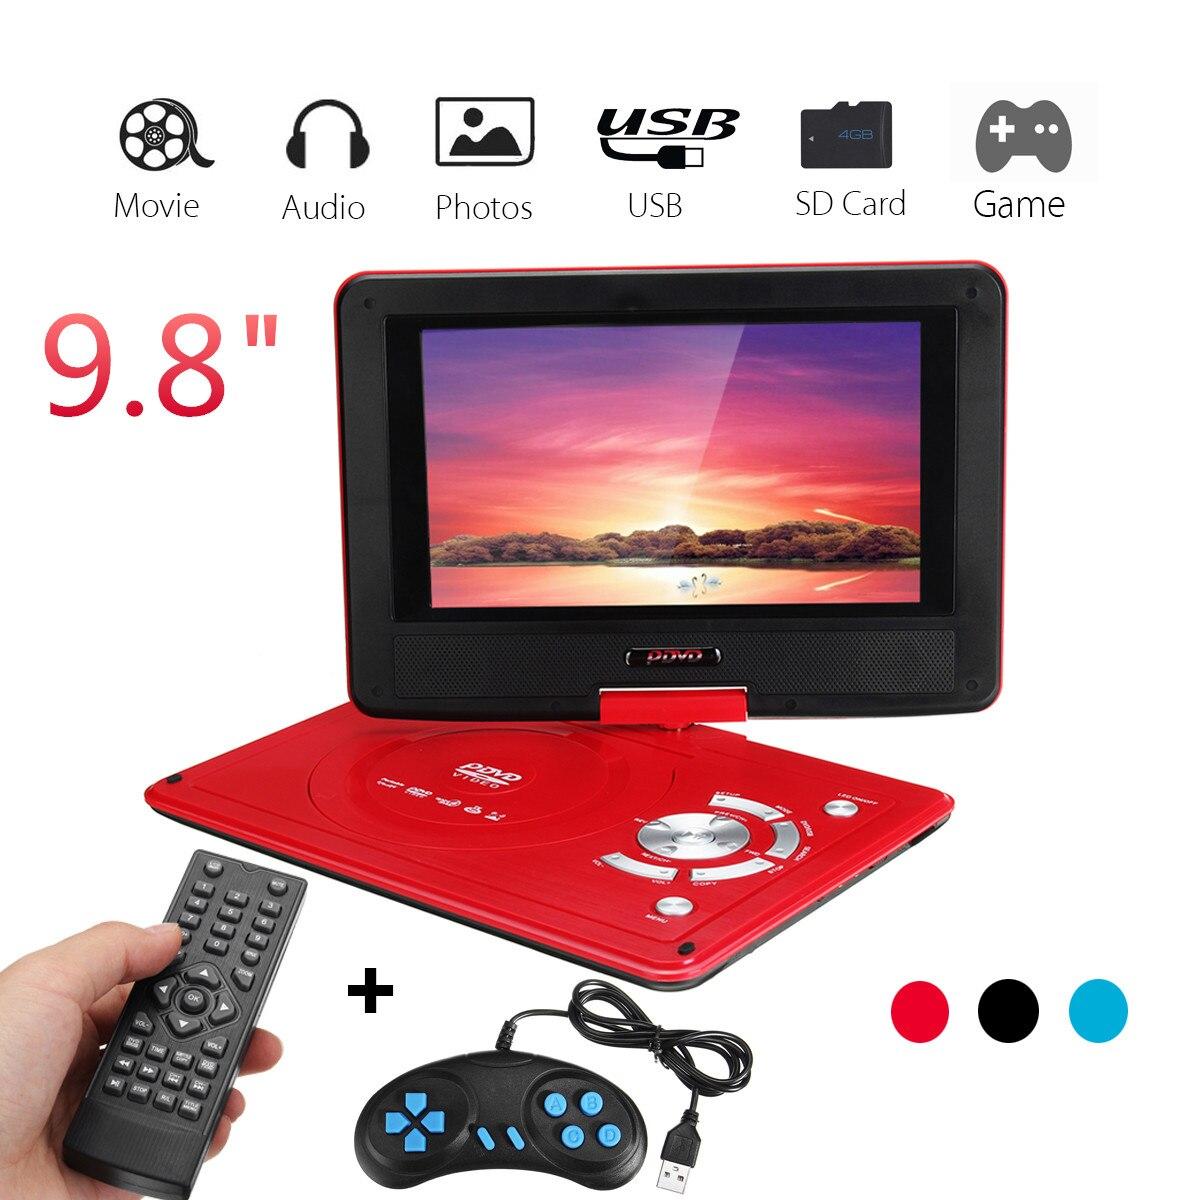 9,8 pulgadas reproductor de DVD de coche recargable portátil de juego de vídeo de Control de 270 grados pantalla con juego de Radio FM TV AV lector de tarjeta